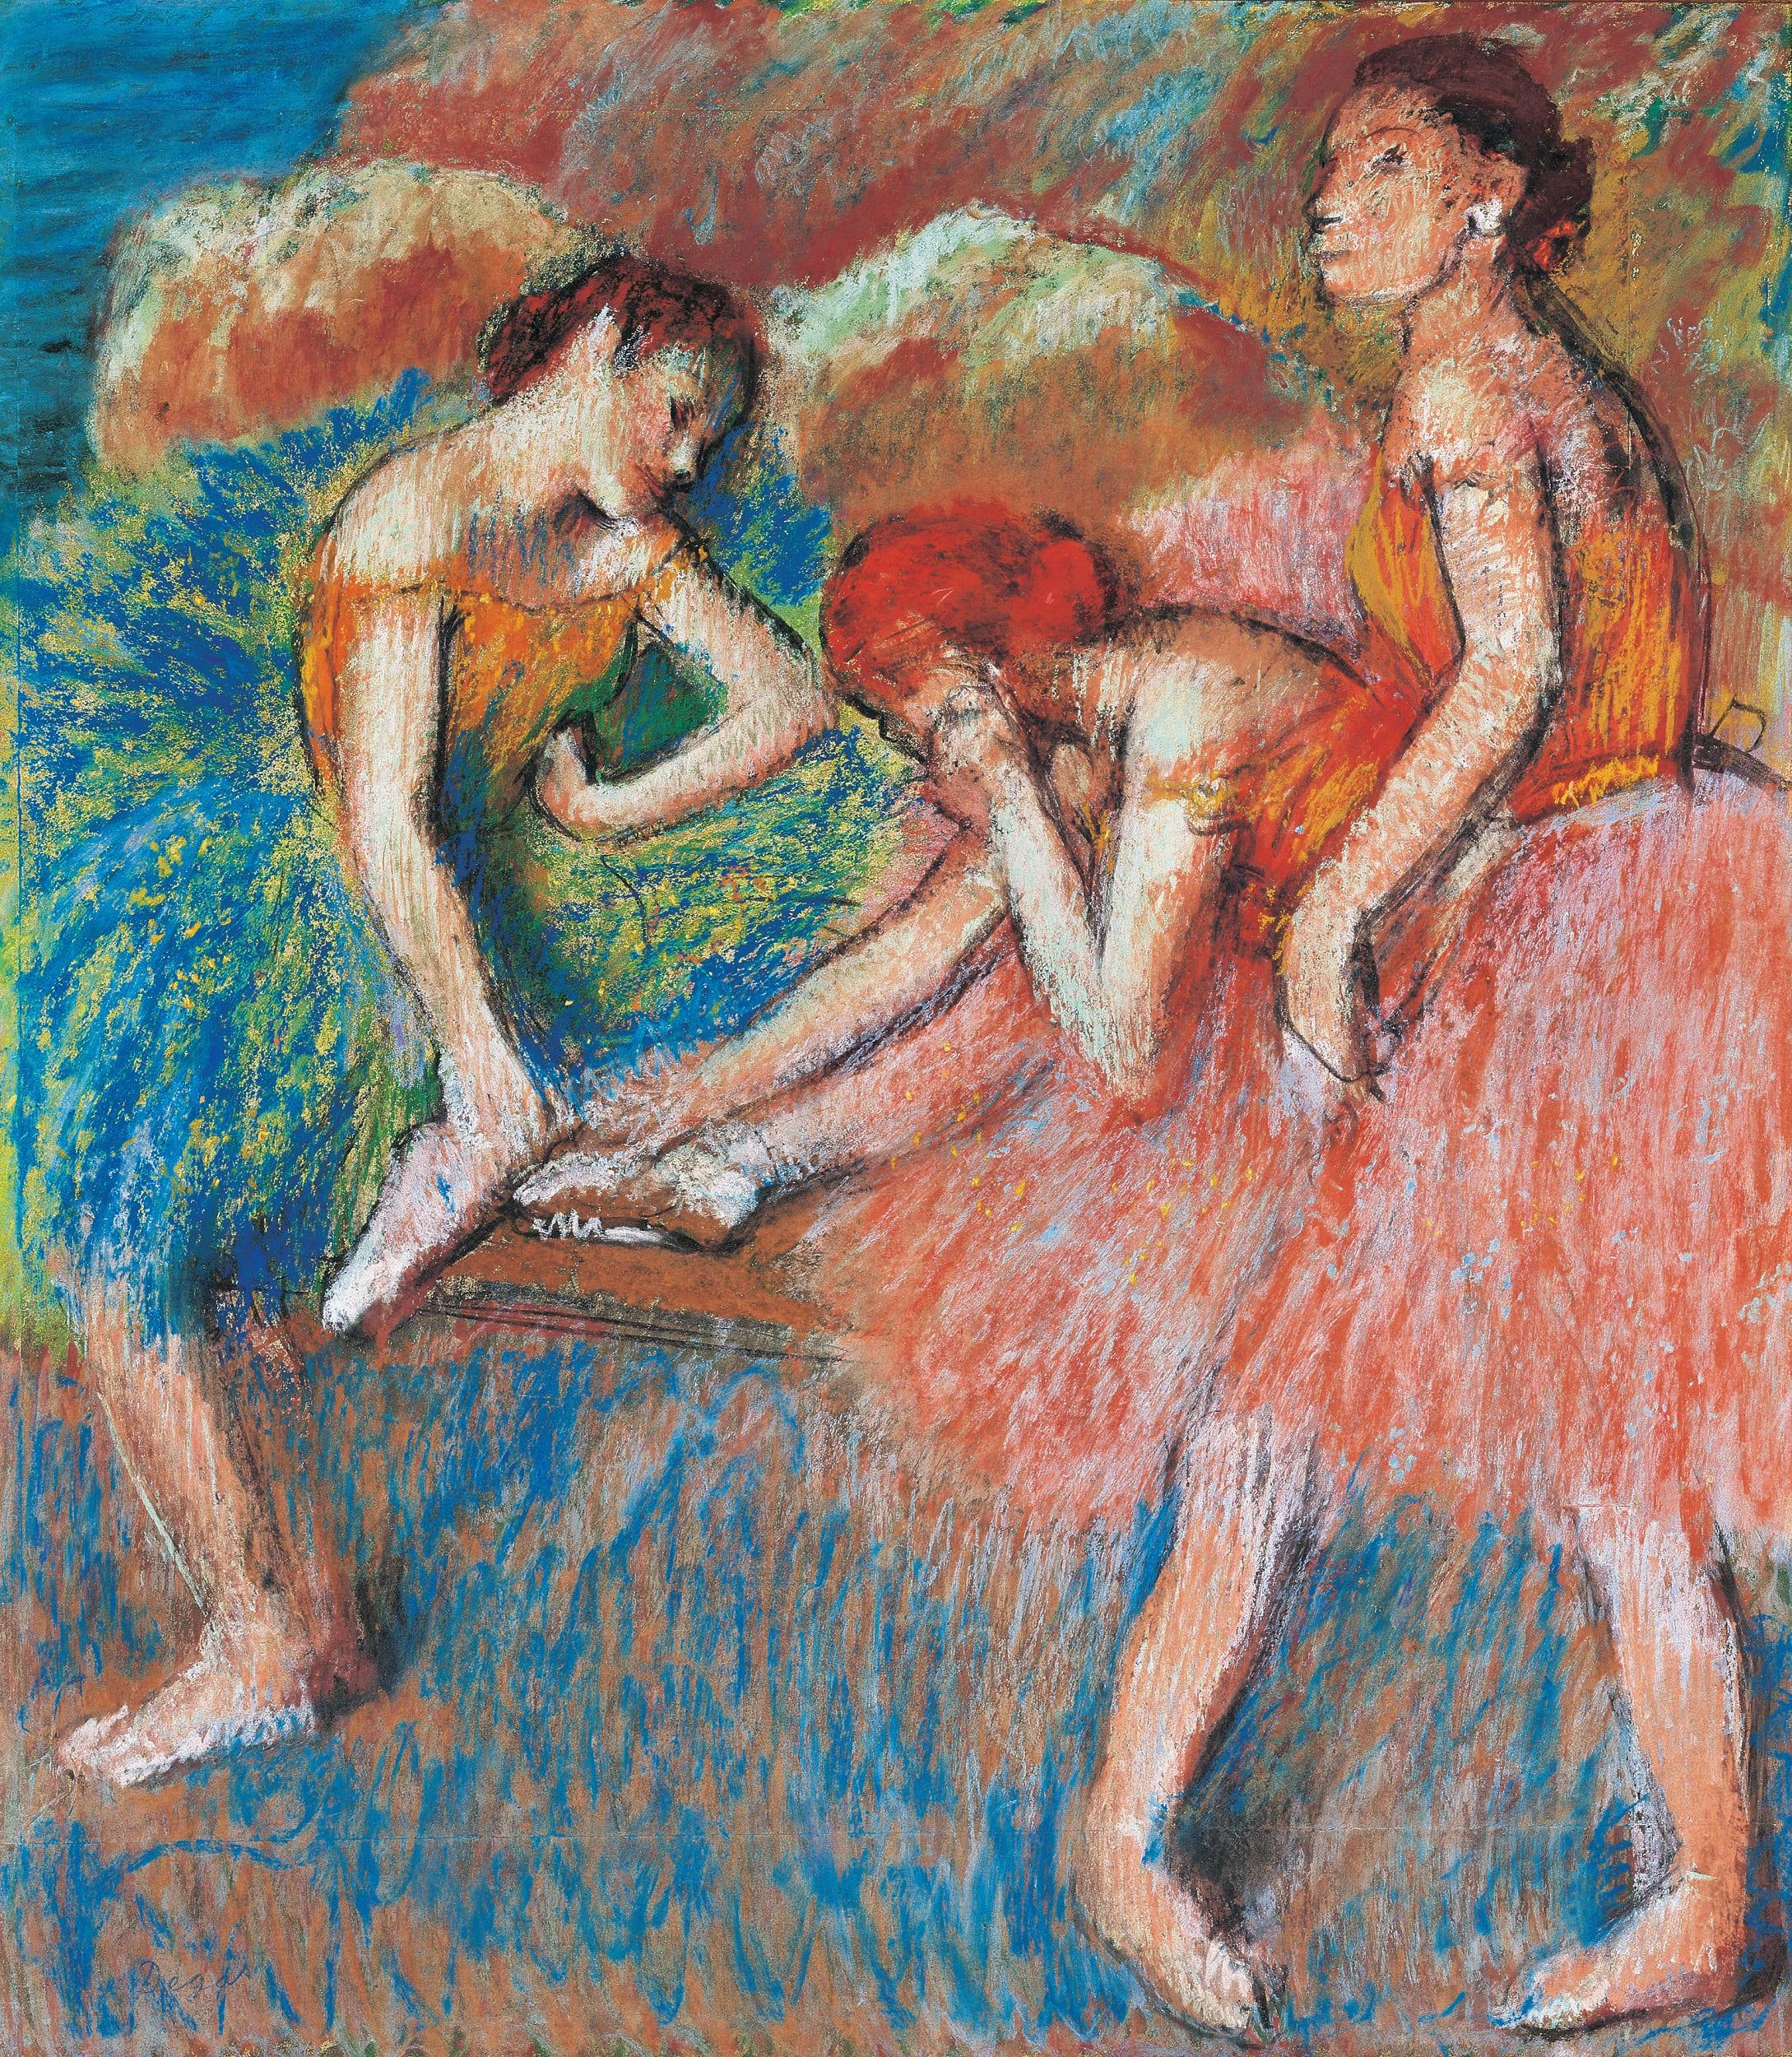 Degas, un peintre impressionniste